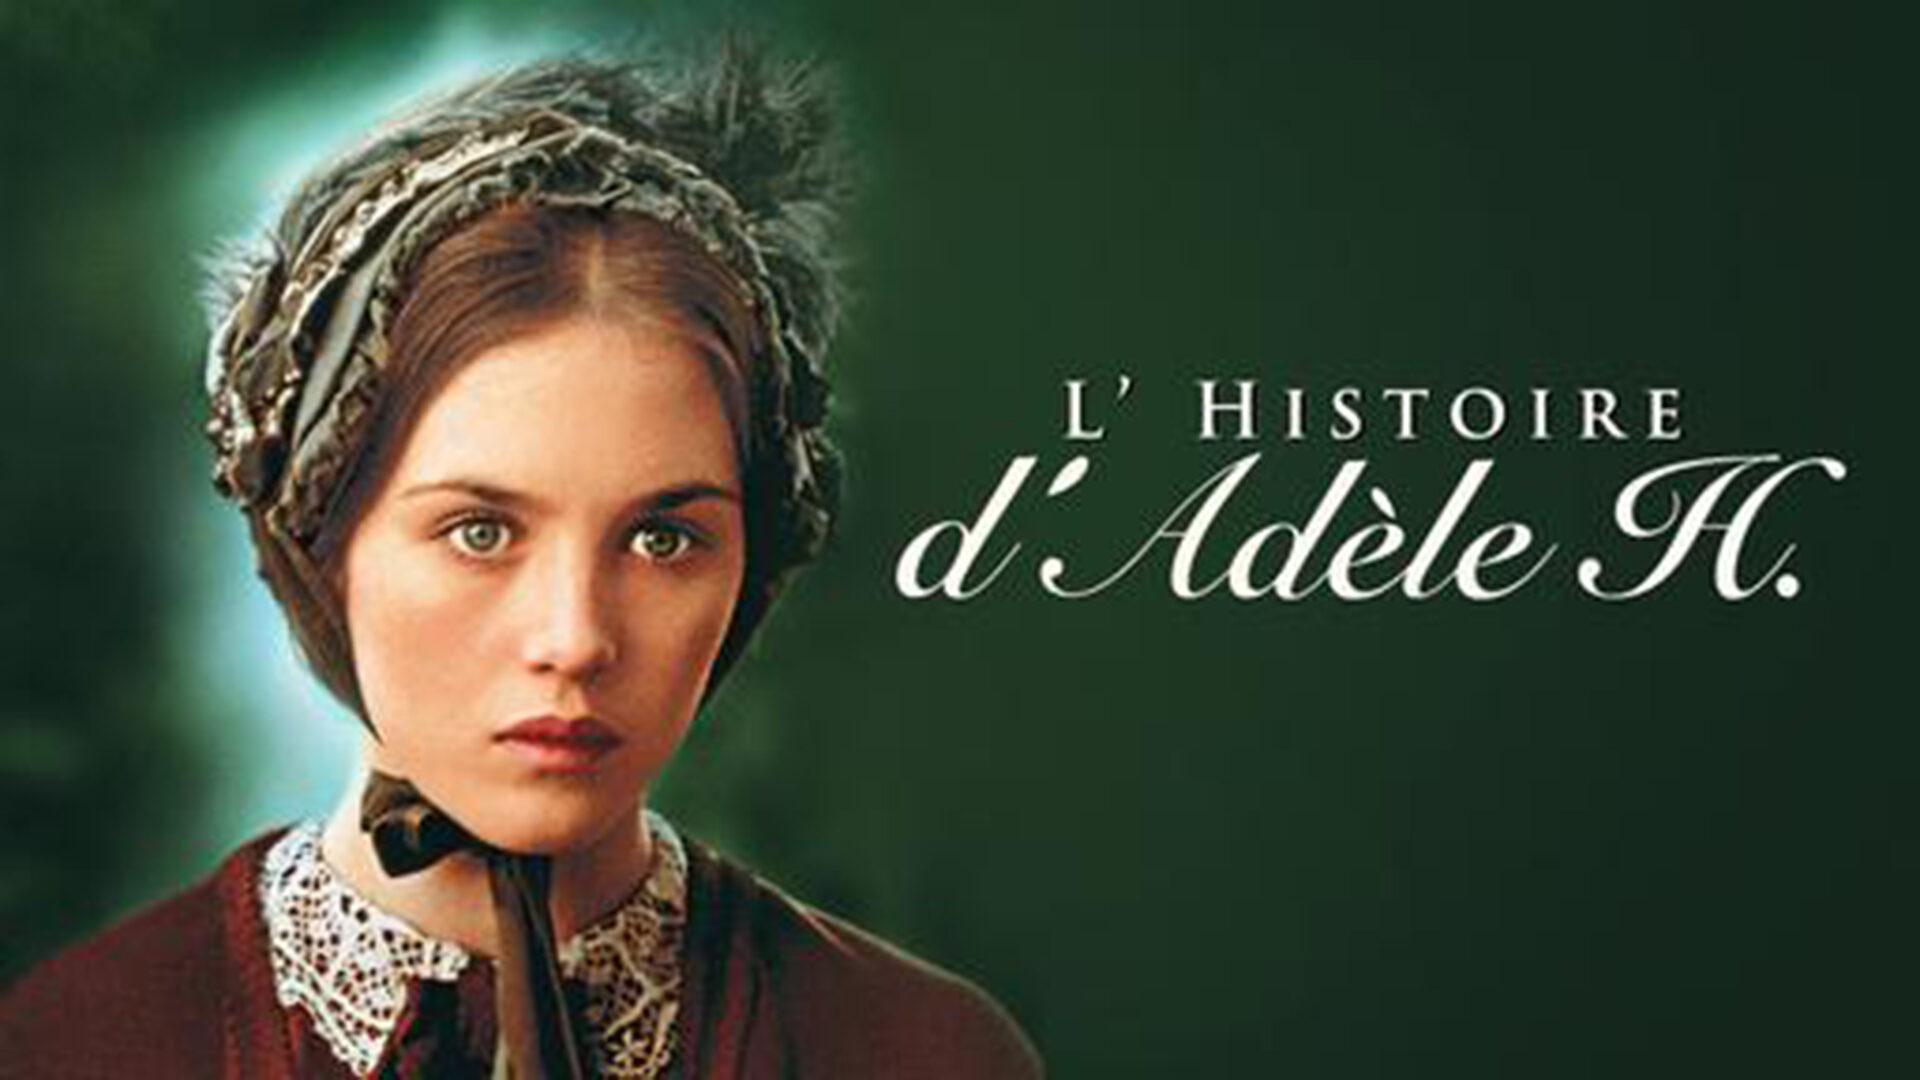 Adelen tarina